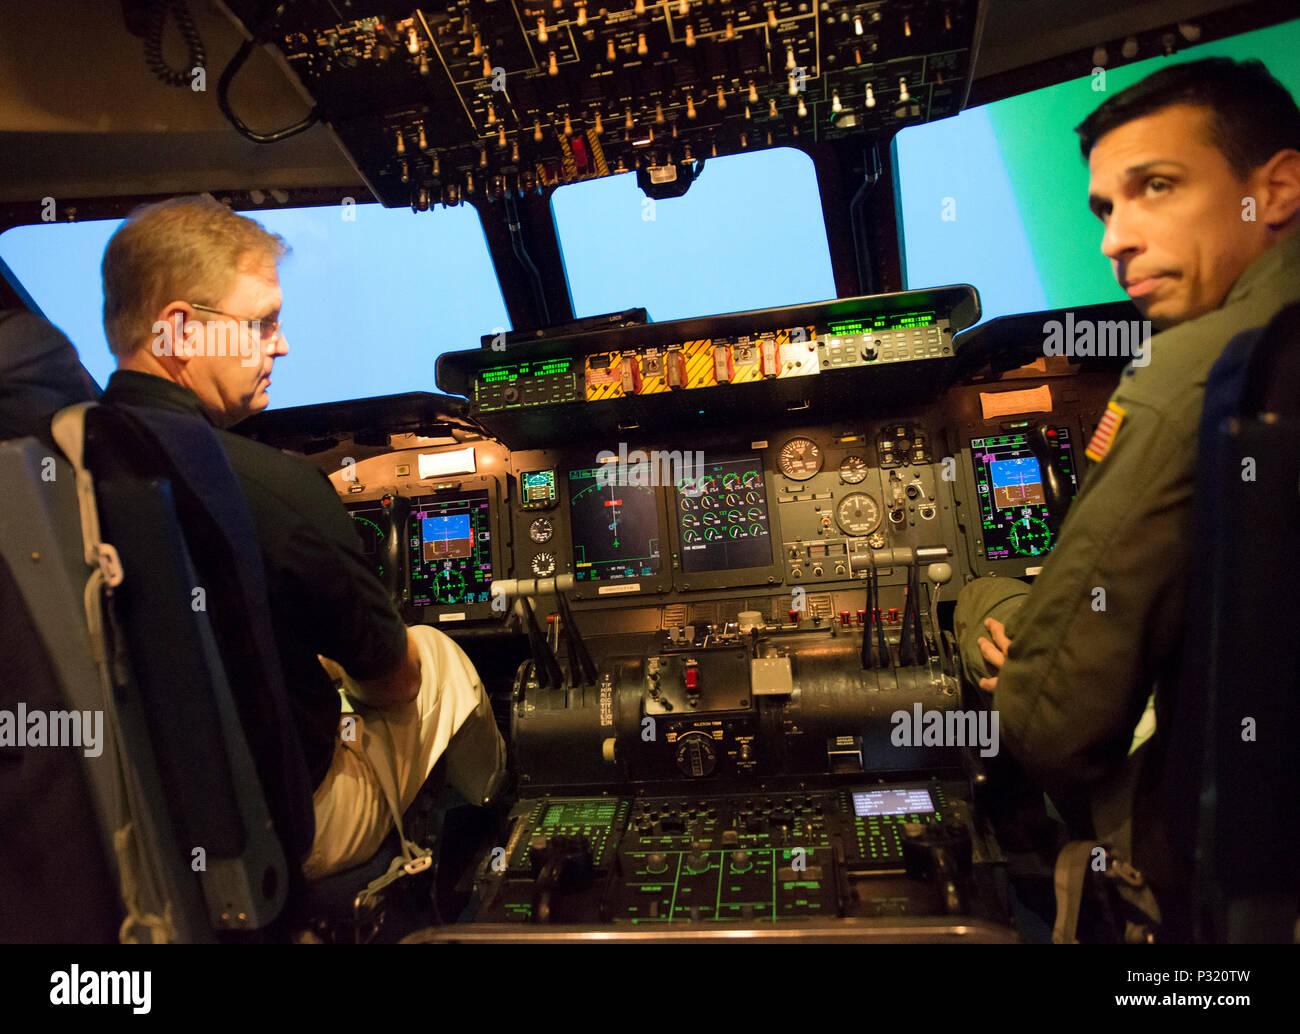 Le Président de la 2017 Défilé de Roses de tournoi, M. Brad Ratliff et le capitaine Alejandro Reyes, de la direction, 60e Escadron de soutien de se préparer à décoller dans un simulateur de vol C-5M, TRAVIS AFB, Californie,. Aug 12, 2016. Autre que le vol standard acclamation, la C-5 M flight Simulator est utilisé pour former les membres de l'équipage dans des situations qui ne sont pas normalement présents dans l'avion. M. Ratliff était en tournée la base pour en savoir plus sur la mission de Travis. (U.S. Air Force Photo de Heide Table) Photo Stock